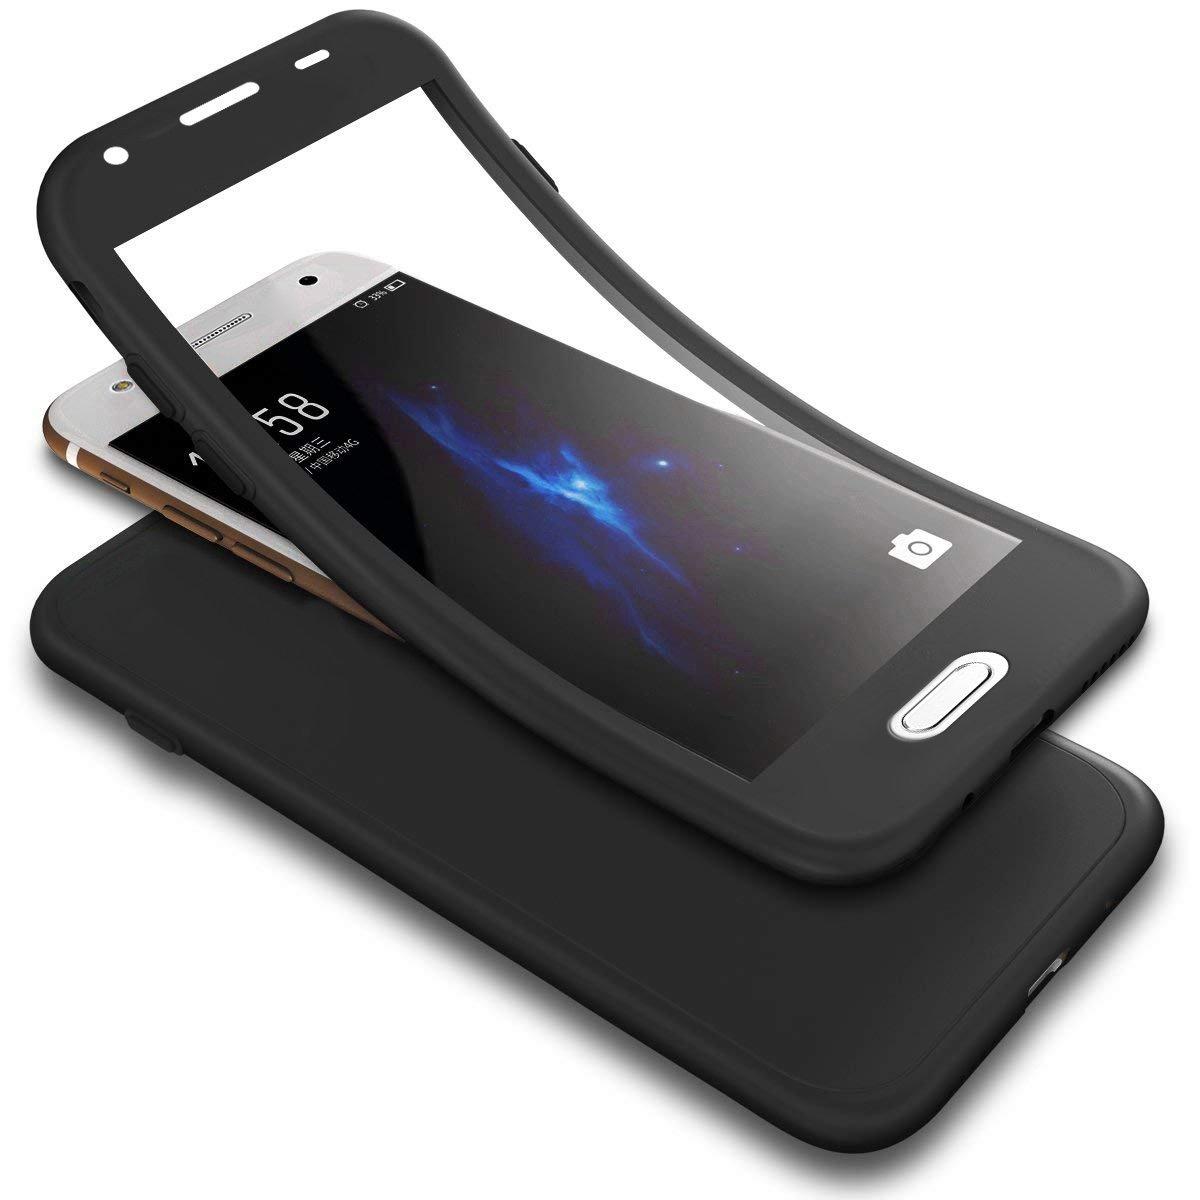 Coque Galaxy J5 Prime/On5 2016 Ultra Mince Silicone TPU 360 degrés de protection+Protecteur d'écran en verre tempéré 2 e 1 360 degrés Full Body Protection Flexible Soft Gel Bumper Protective Case JAWSEU JBGMX000031B